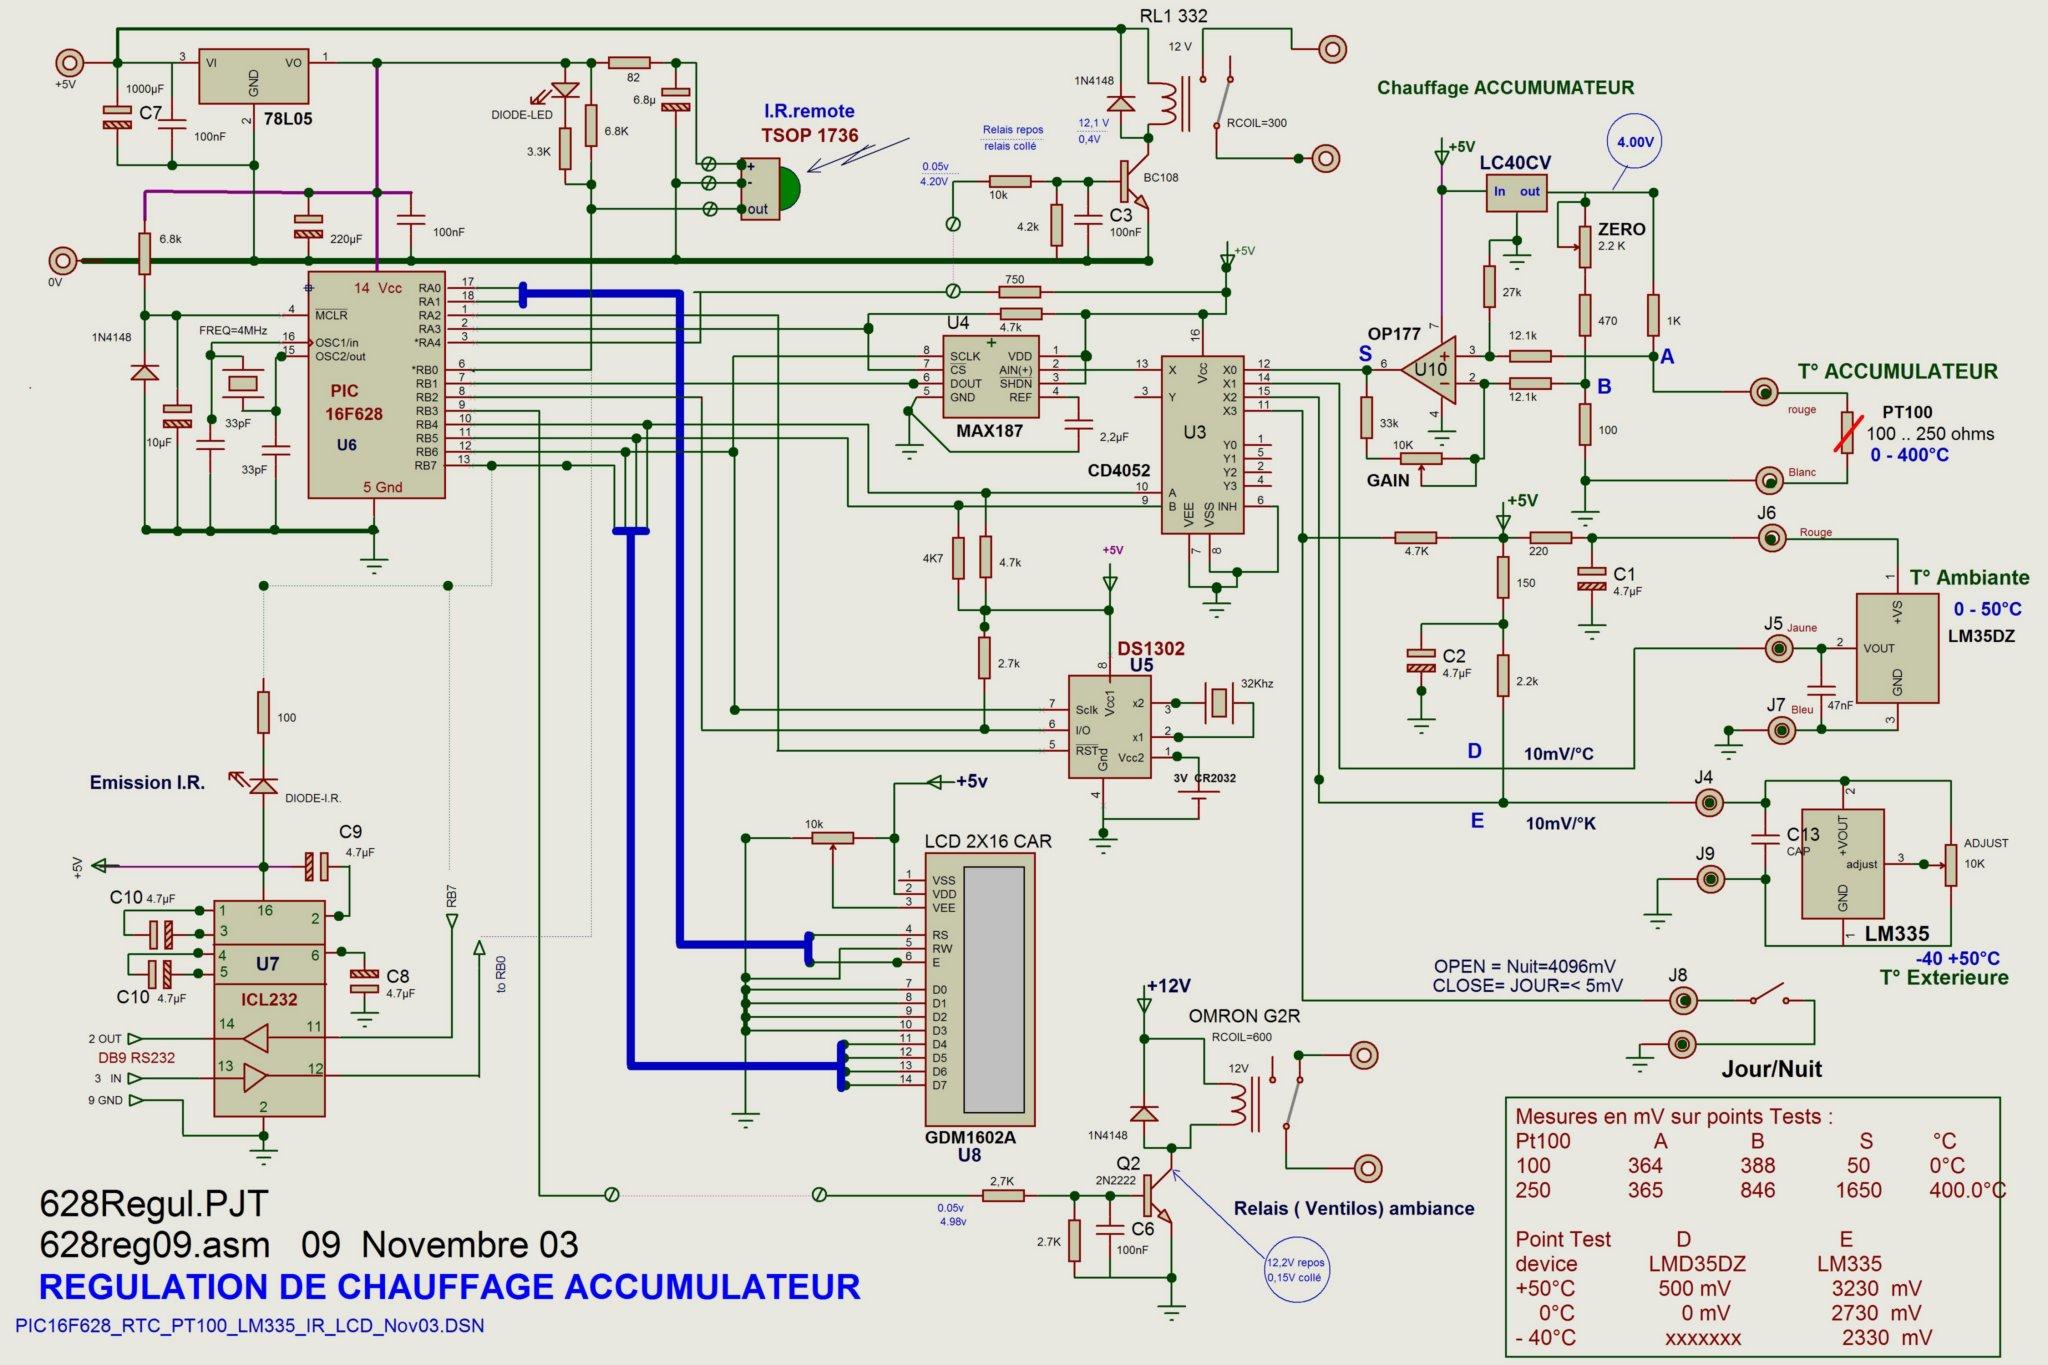 [Outils/Fab/Comp] sonde pt100 2, 3 ou 4 fils